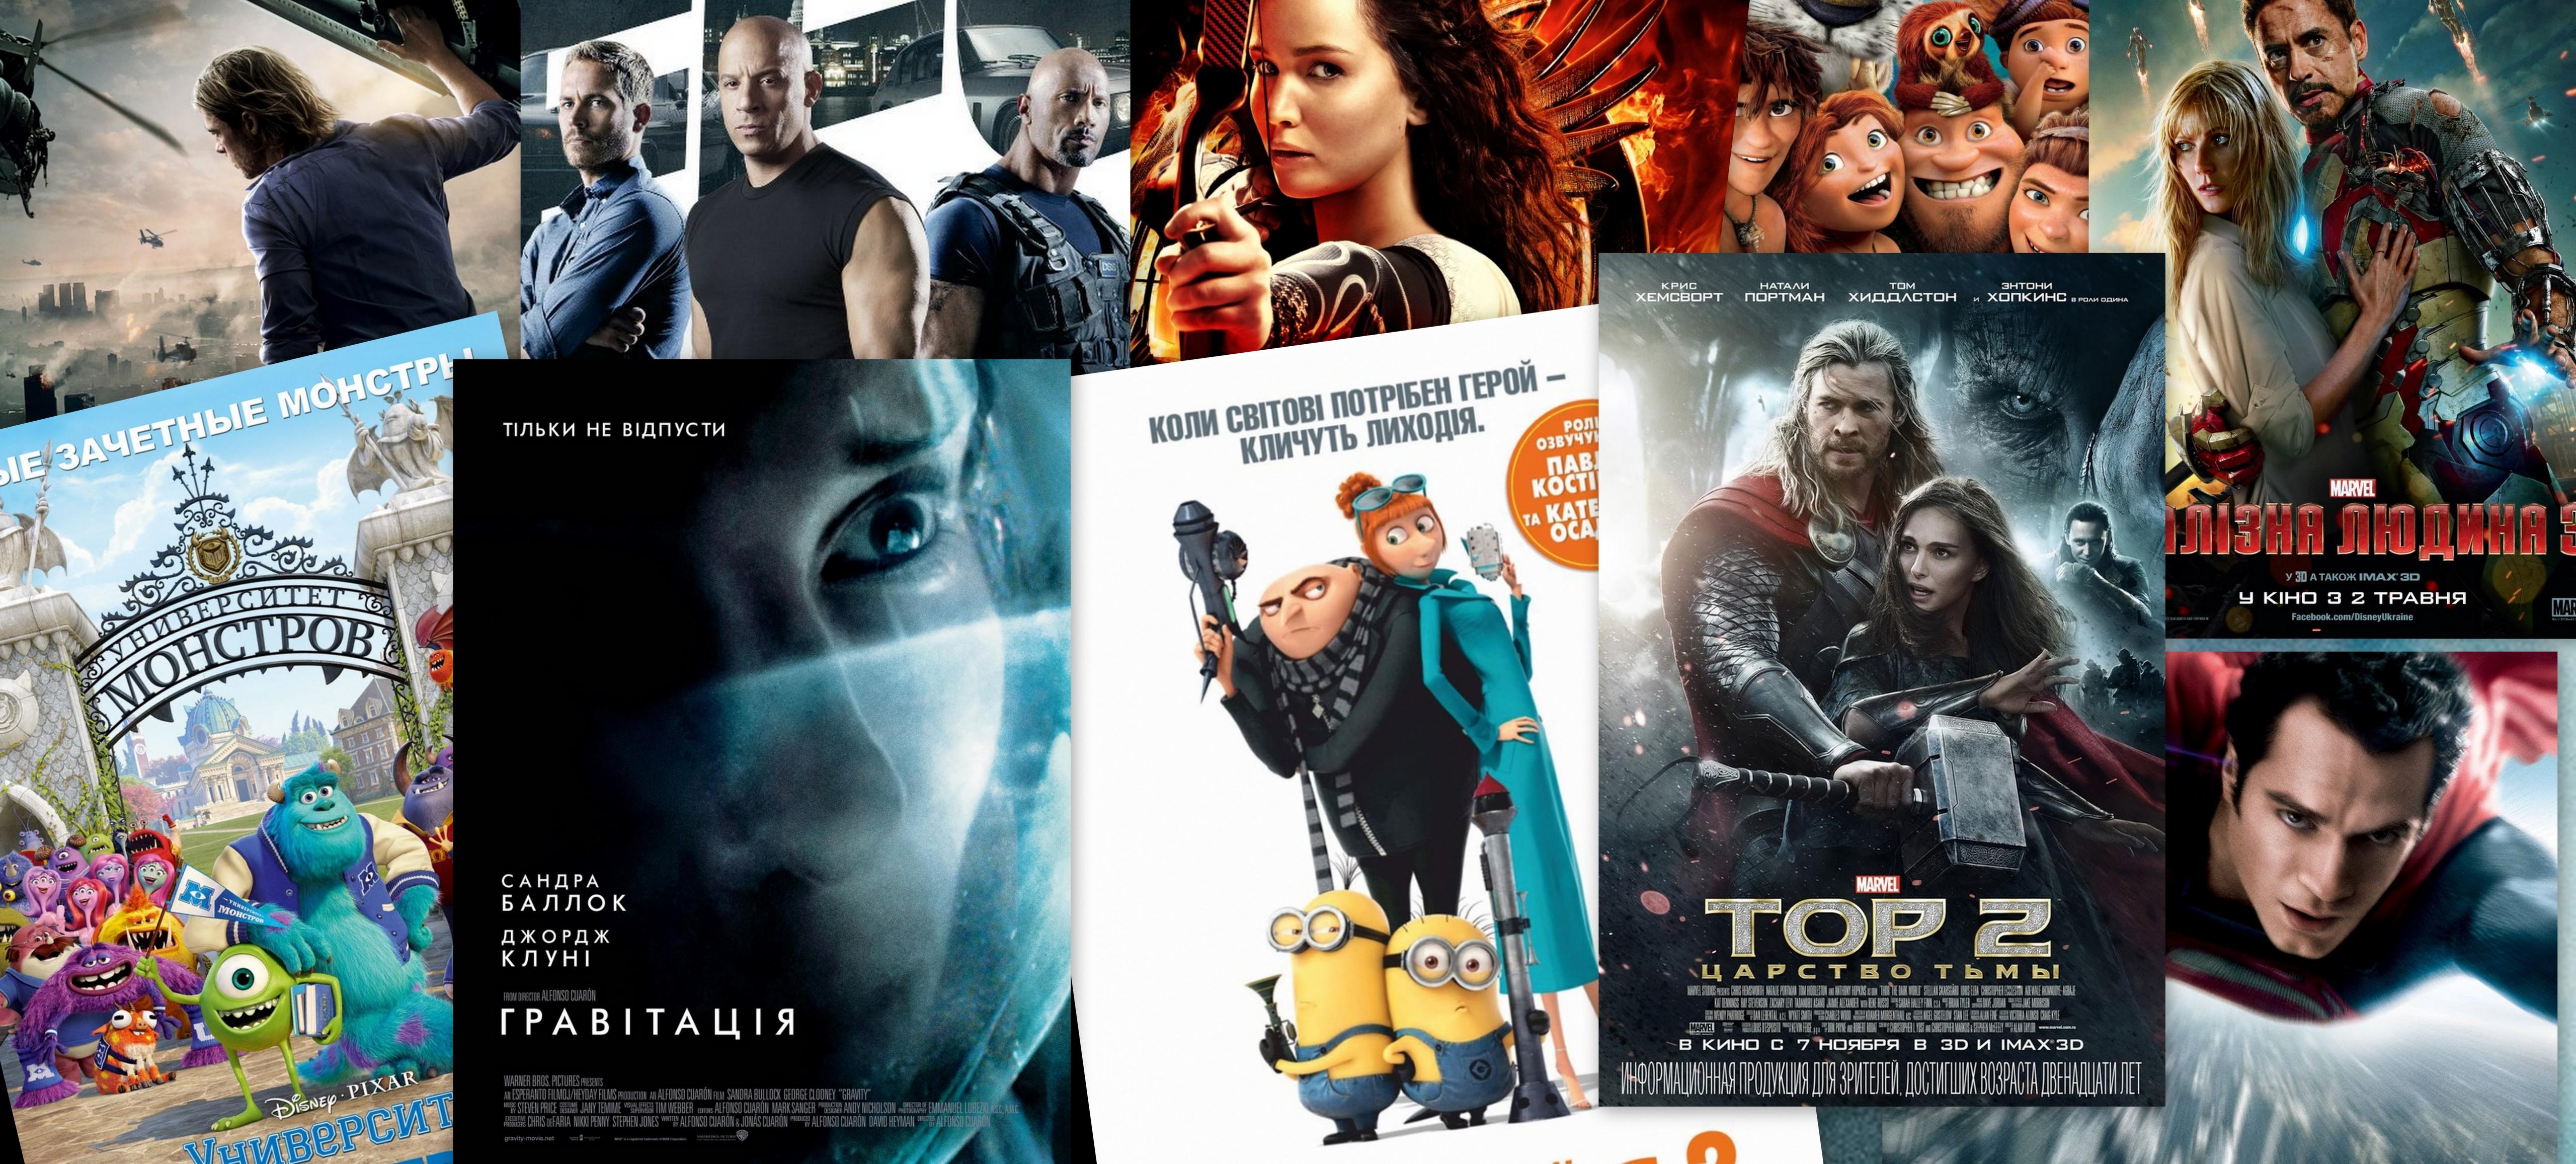 Новости: Топ-10 кассовых фильмов 2013-го года